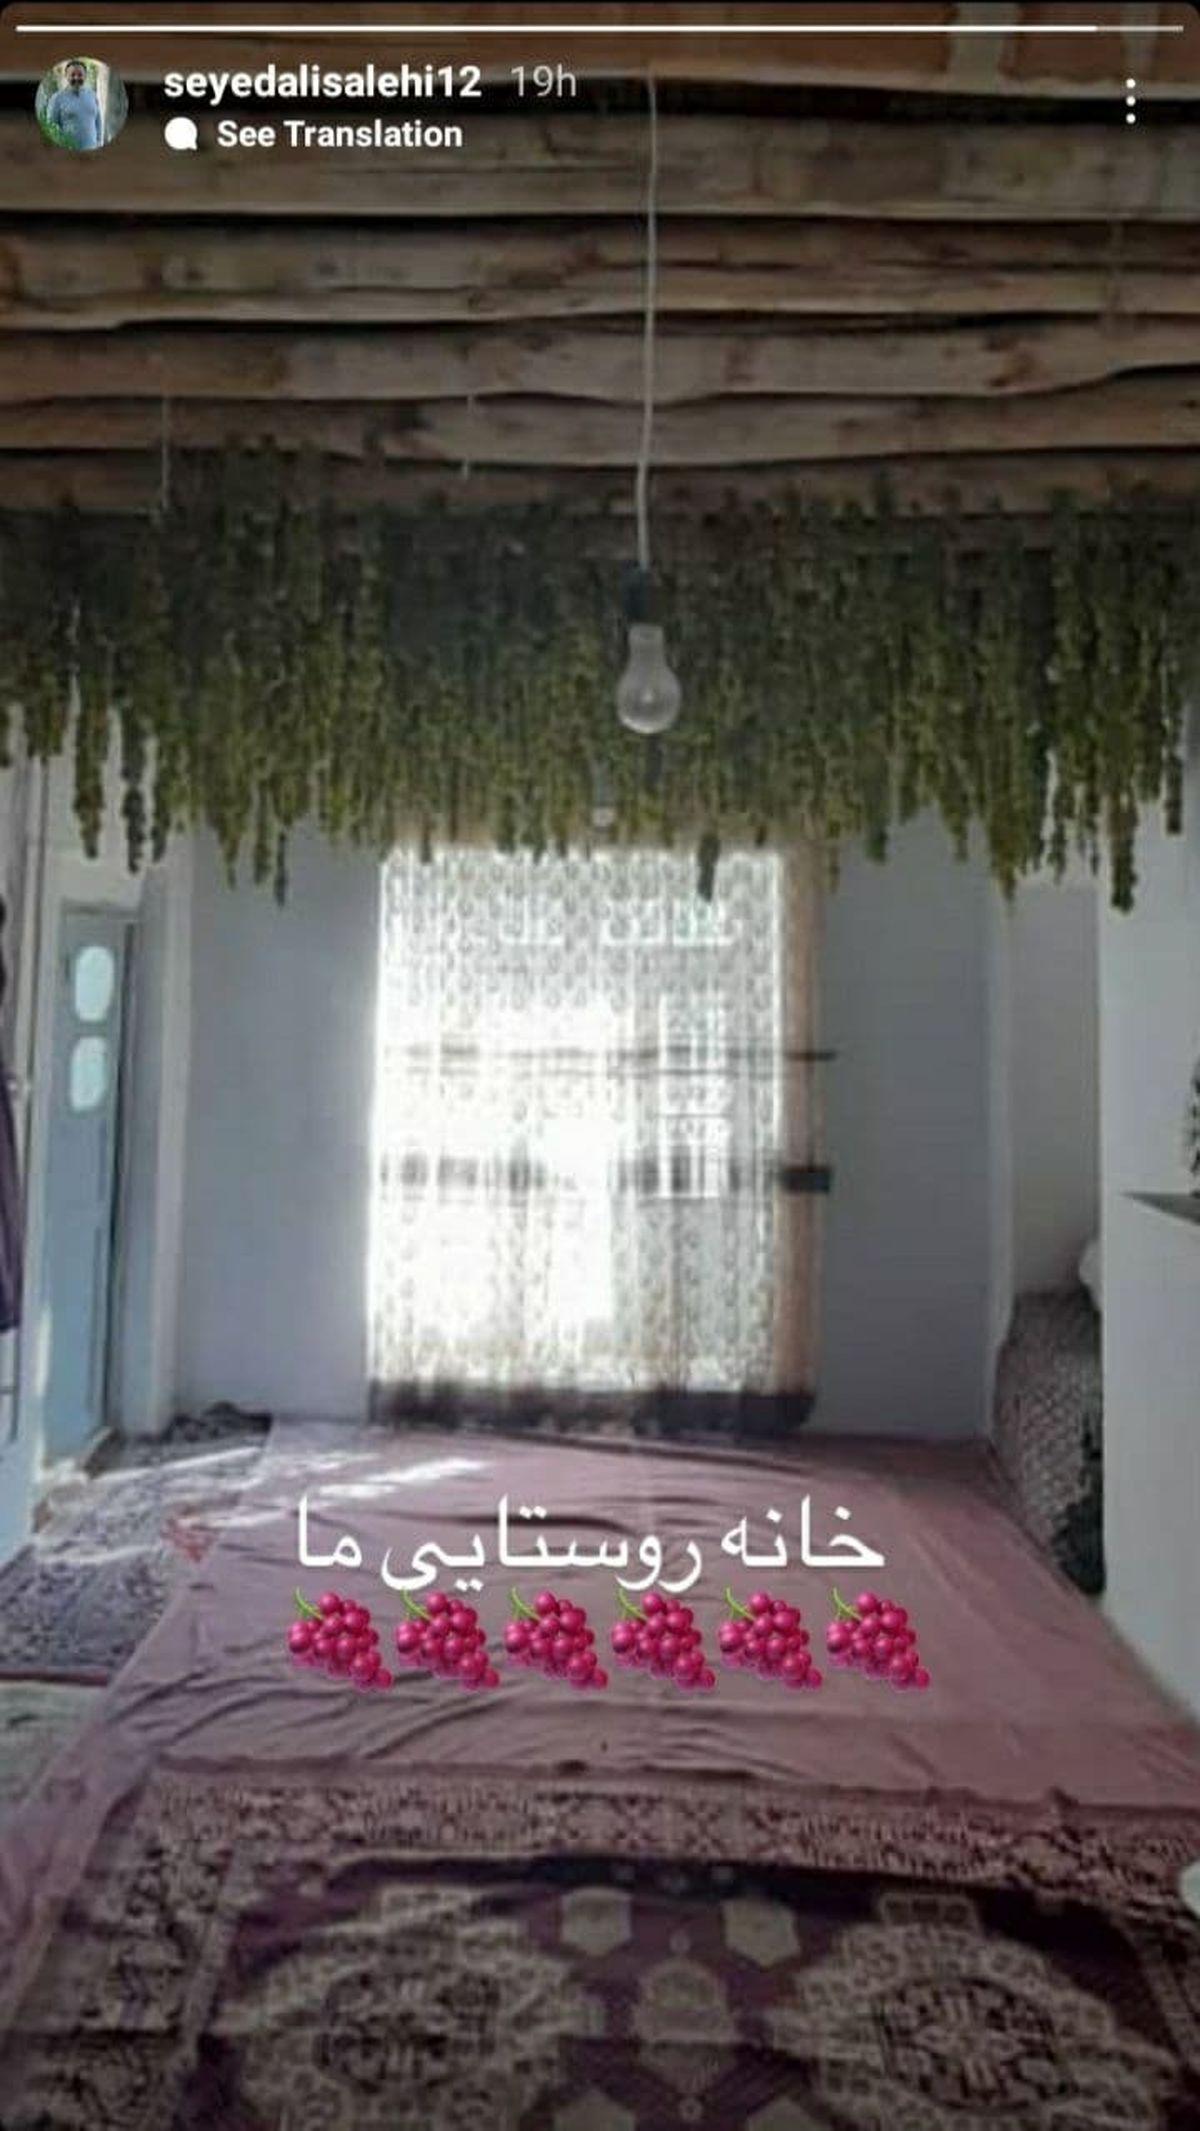 تصویری جالب از خانه روستایی بازیگر معروف